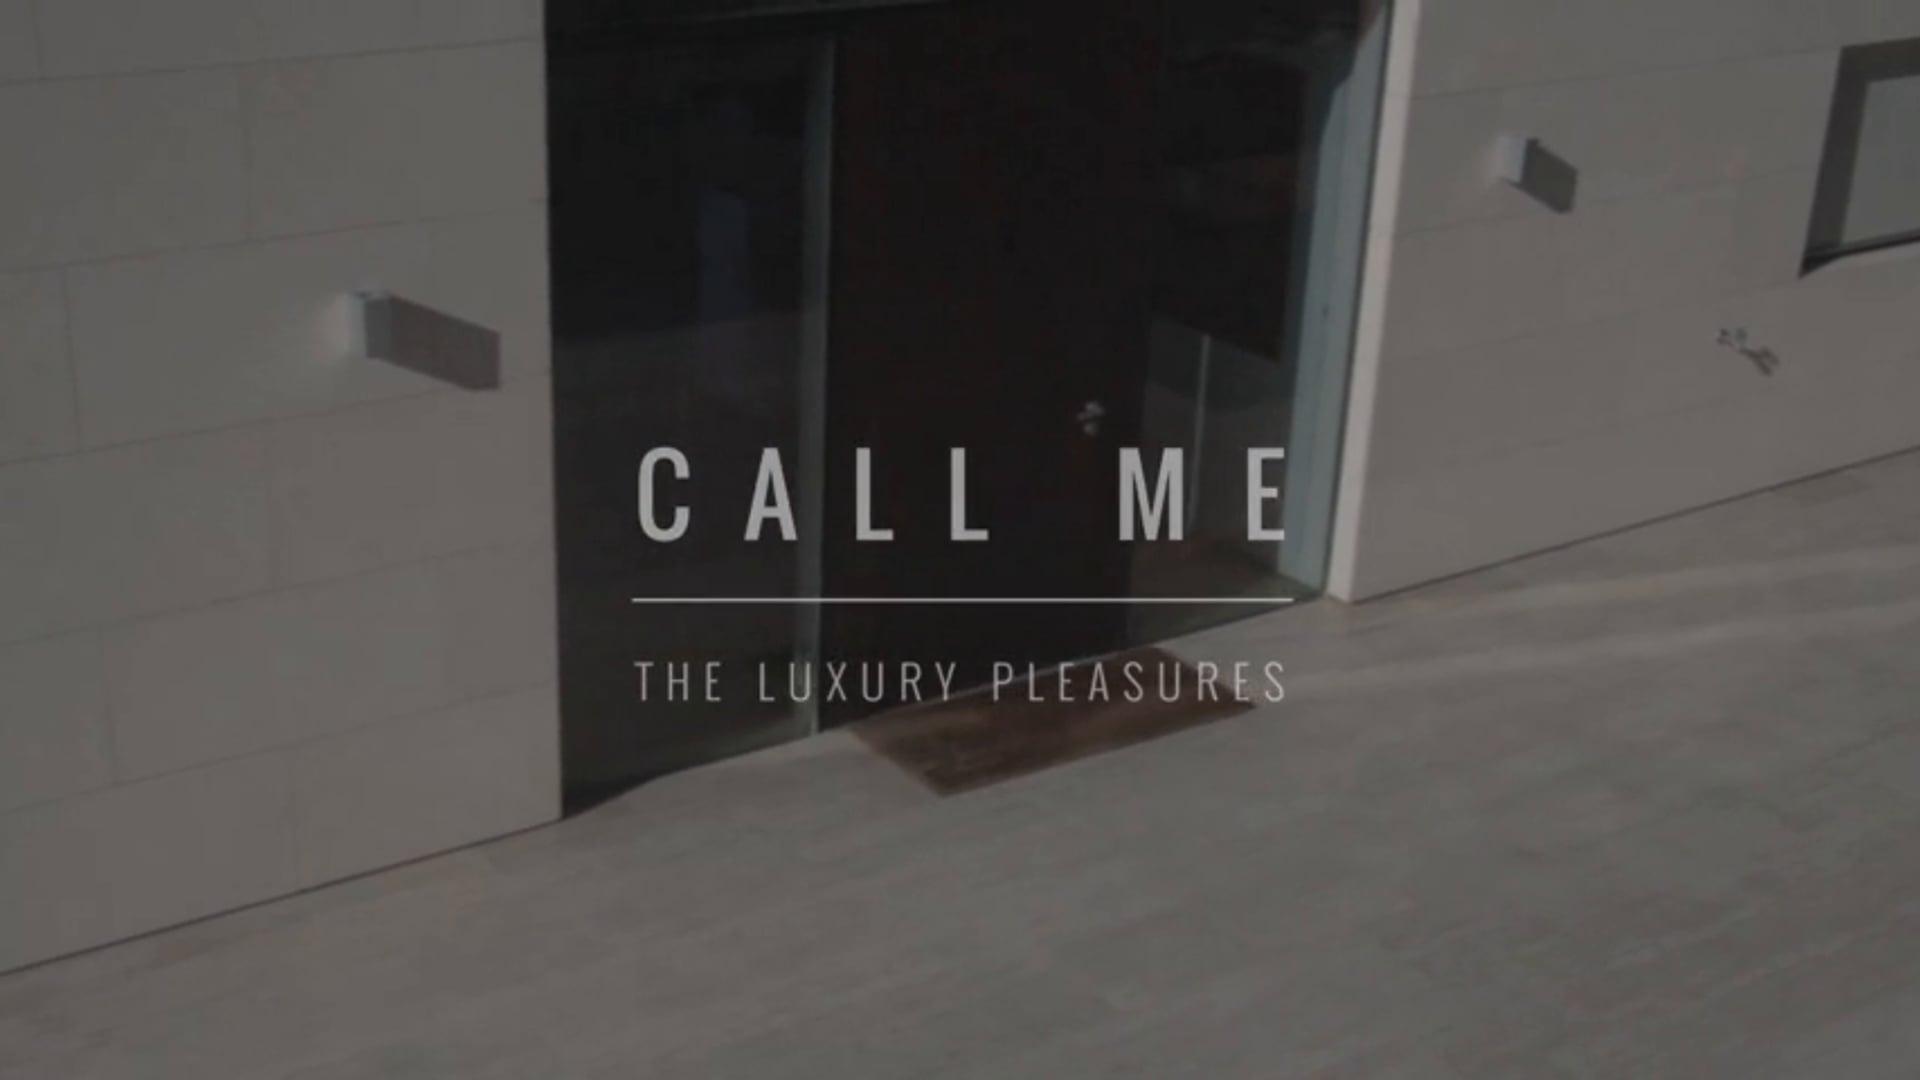 EYES MAGAZINE / Call me, the luxury pleasures